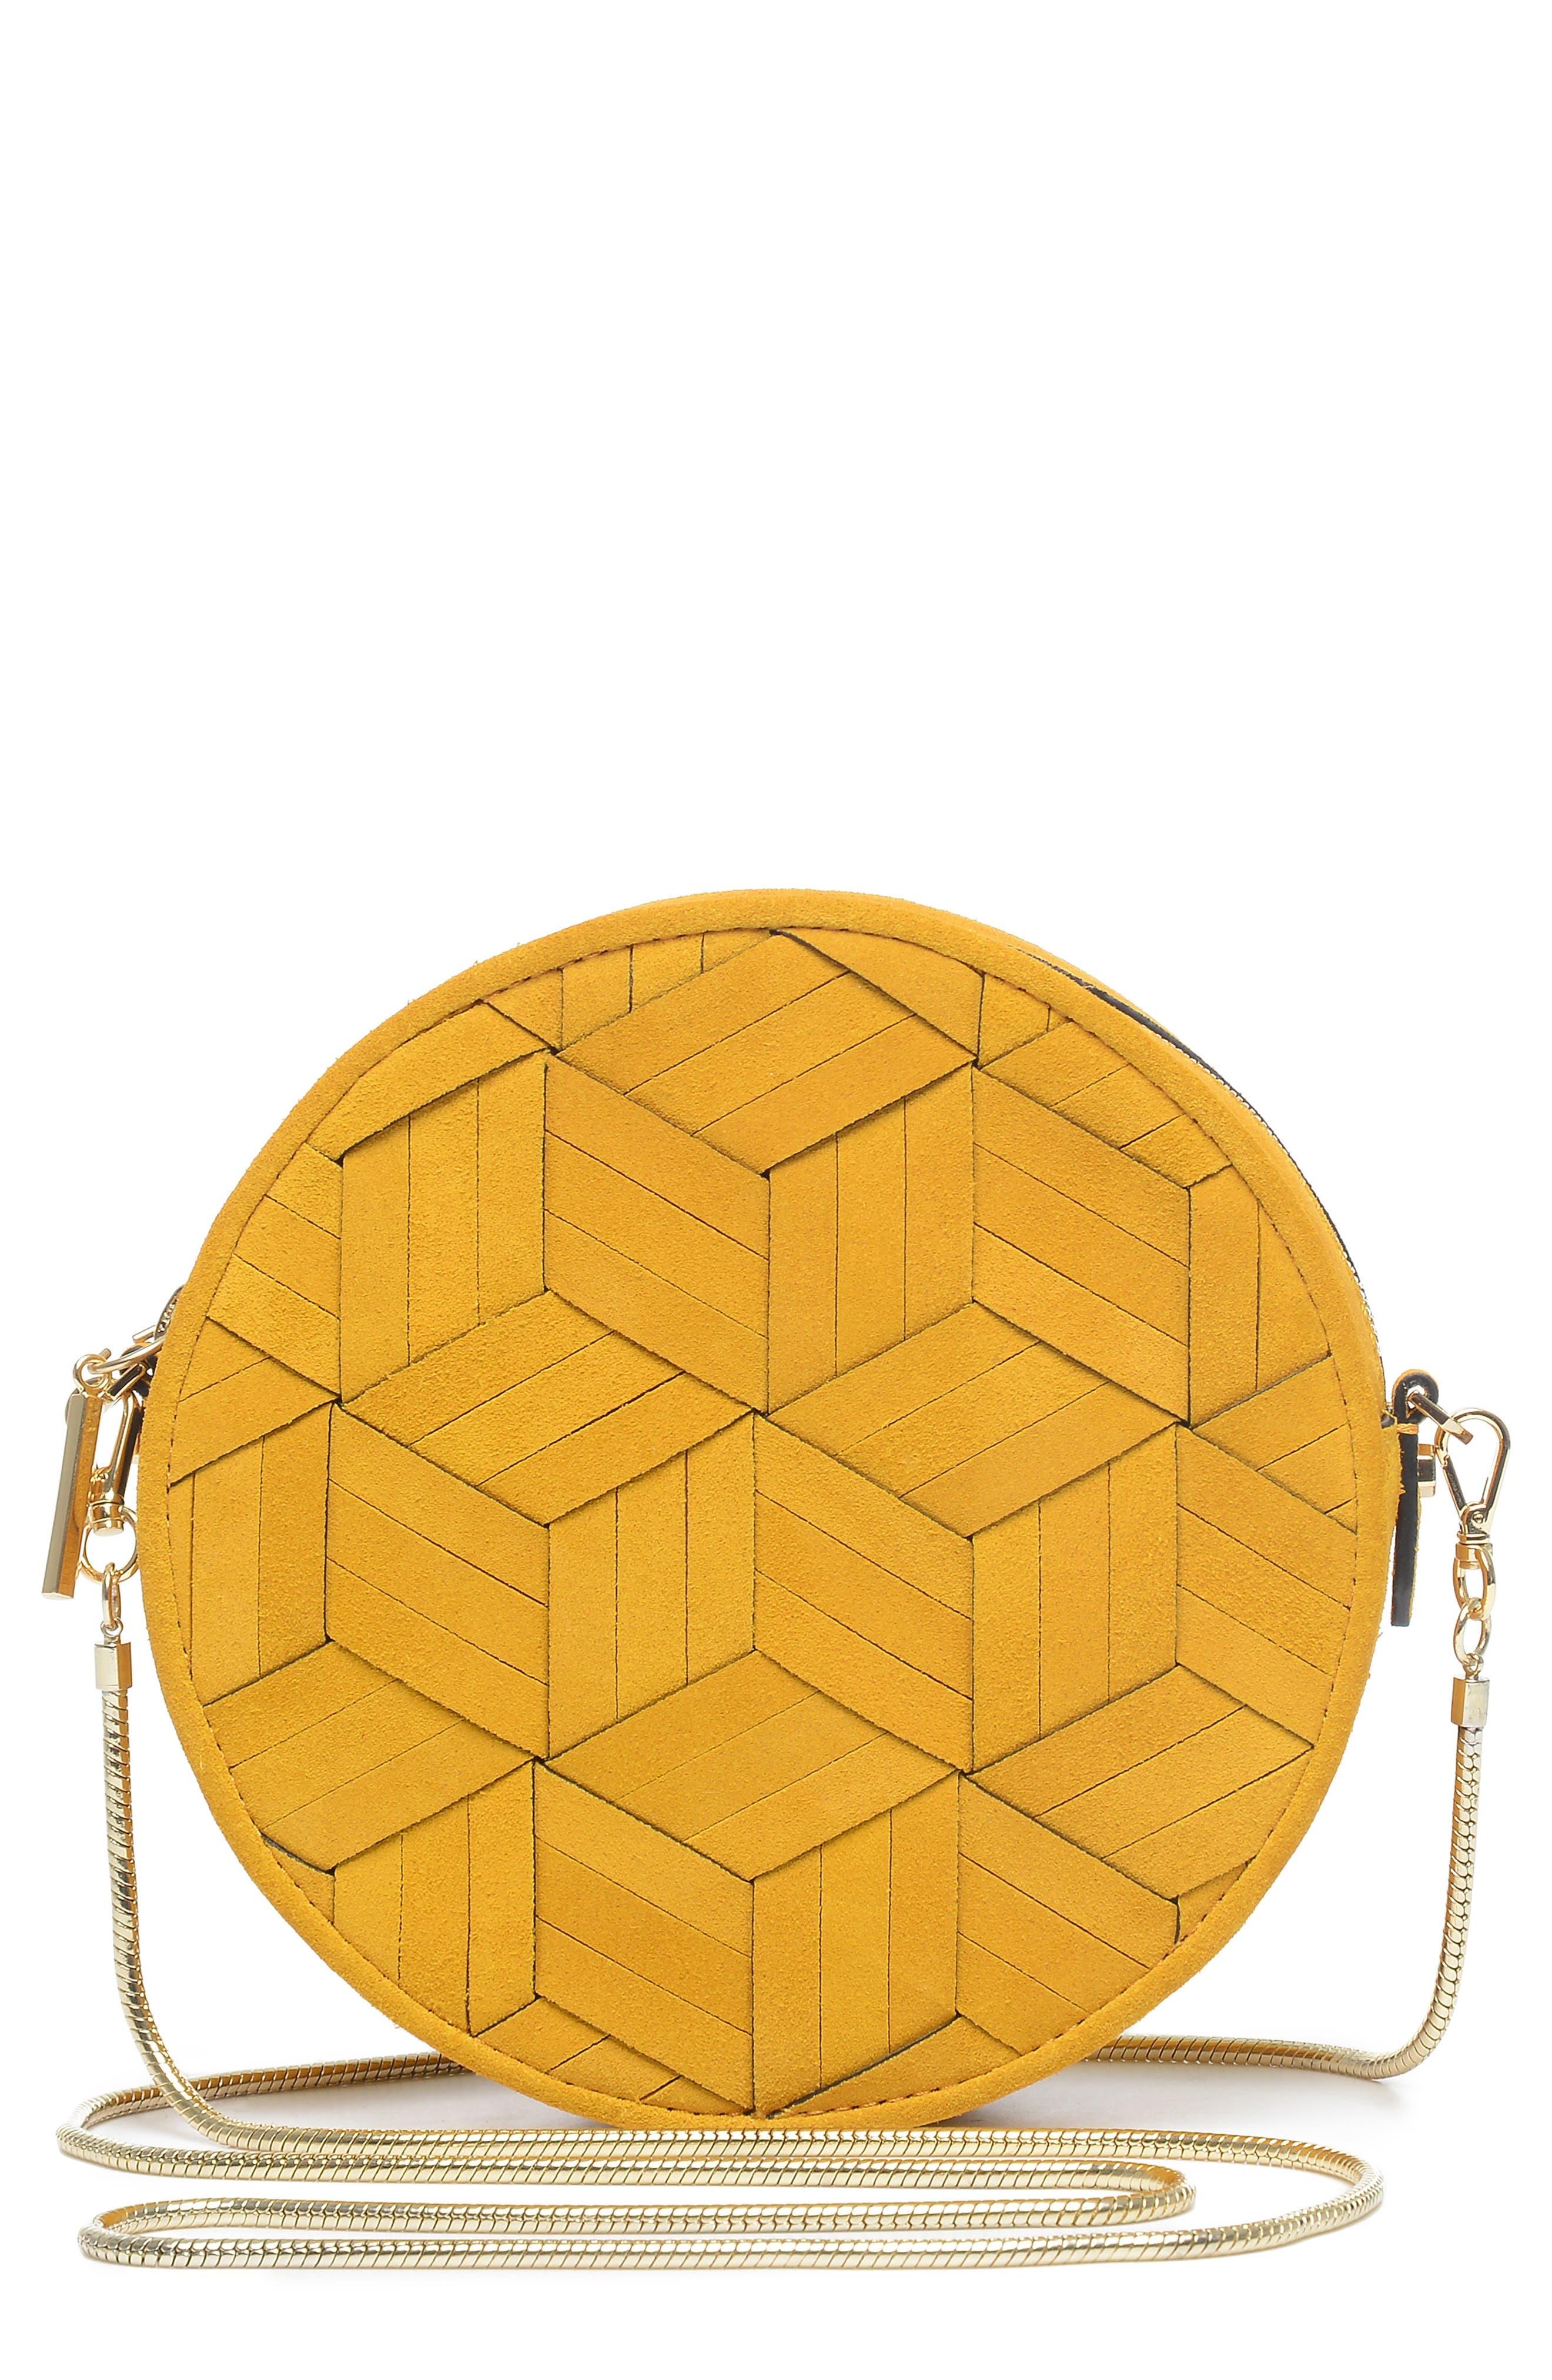 WELDEN Mini Meridian Suede Crossbody Bag - Yellow in Mustard